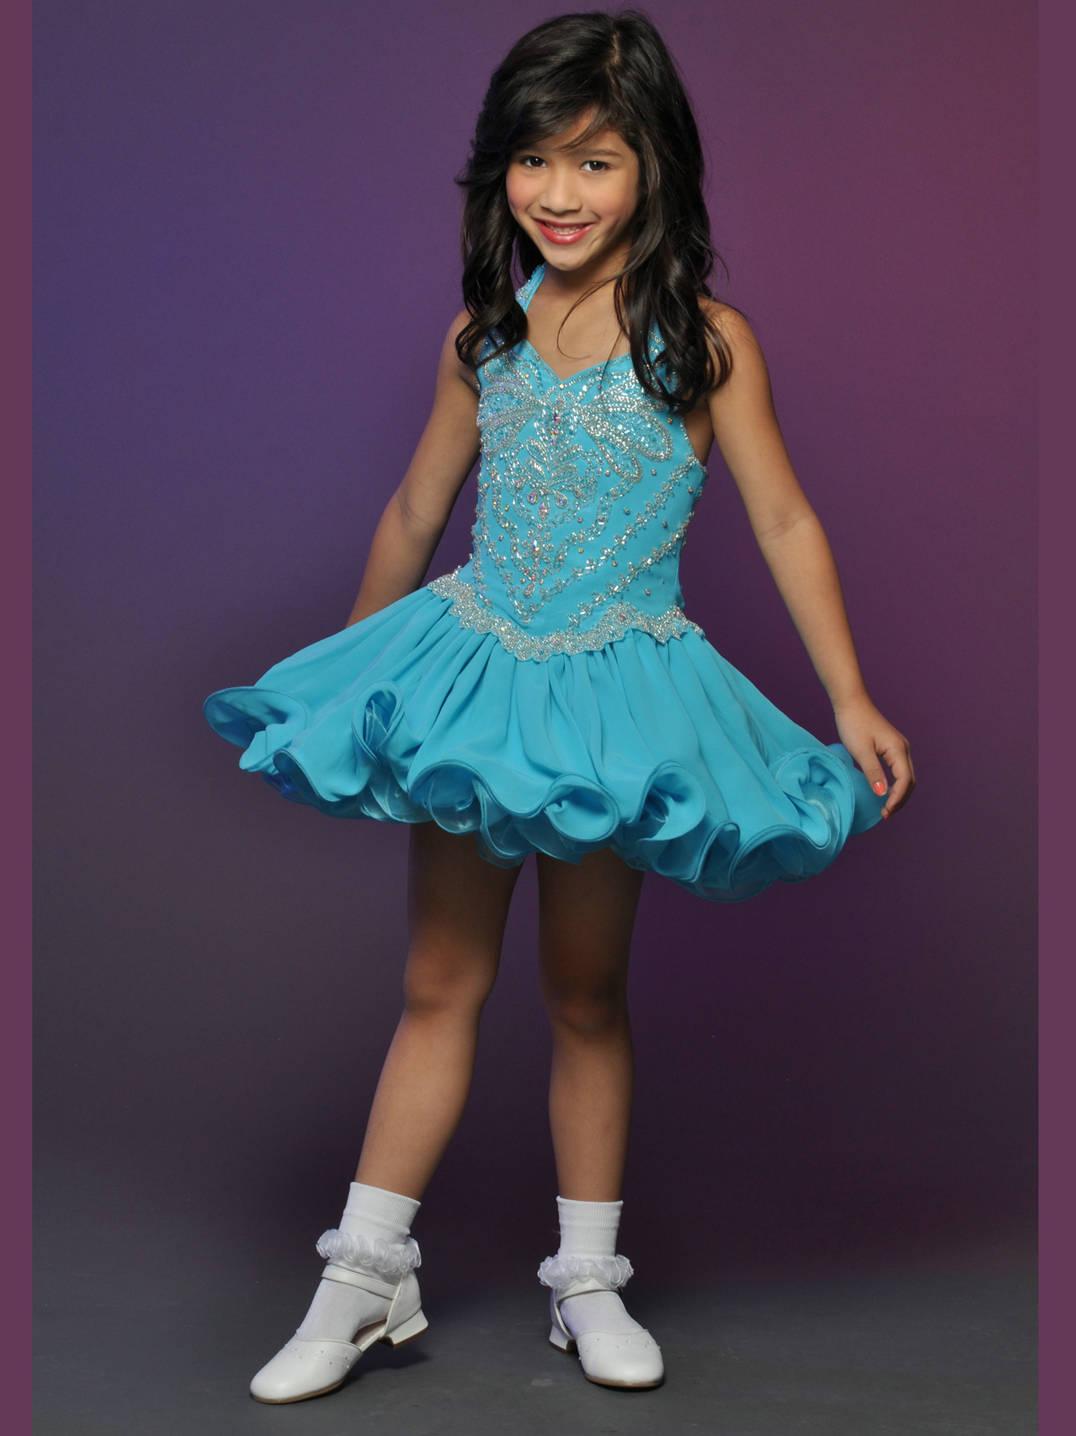 Little Girls In Short Dresses & Popular Choice 2017 ...